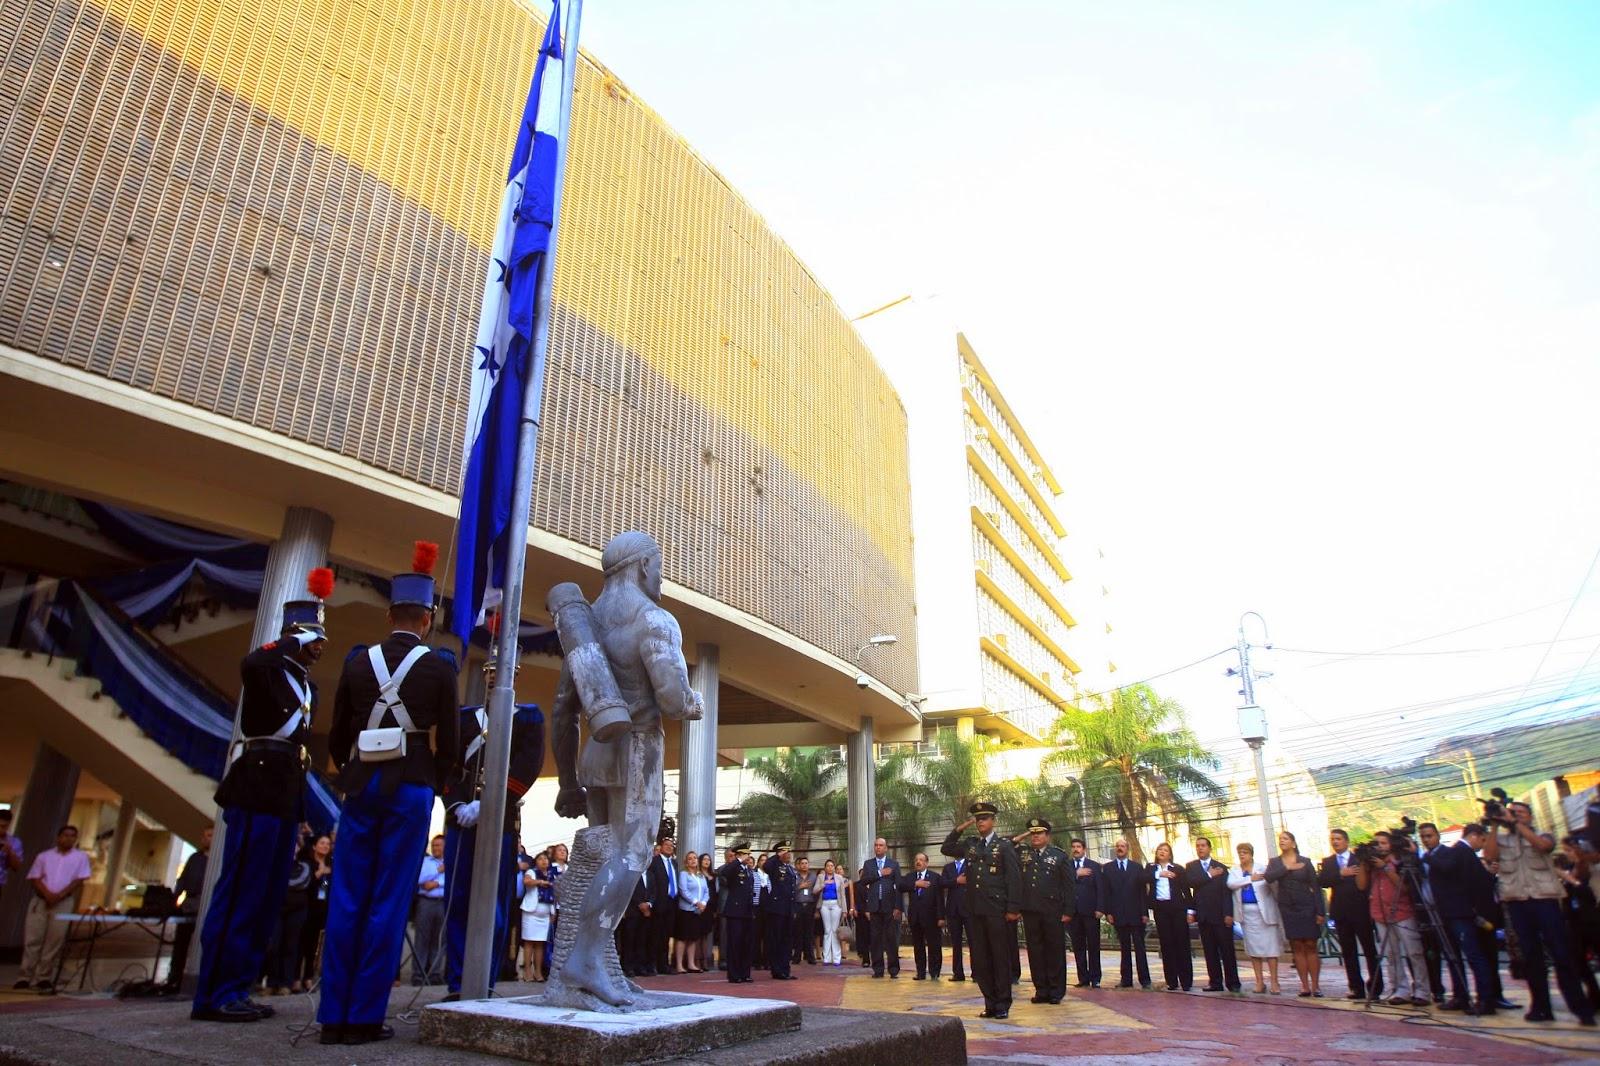 Congreso Nacional realiza acto de izamiento de la bandera